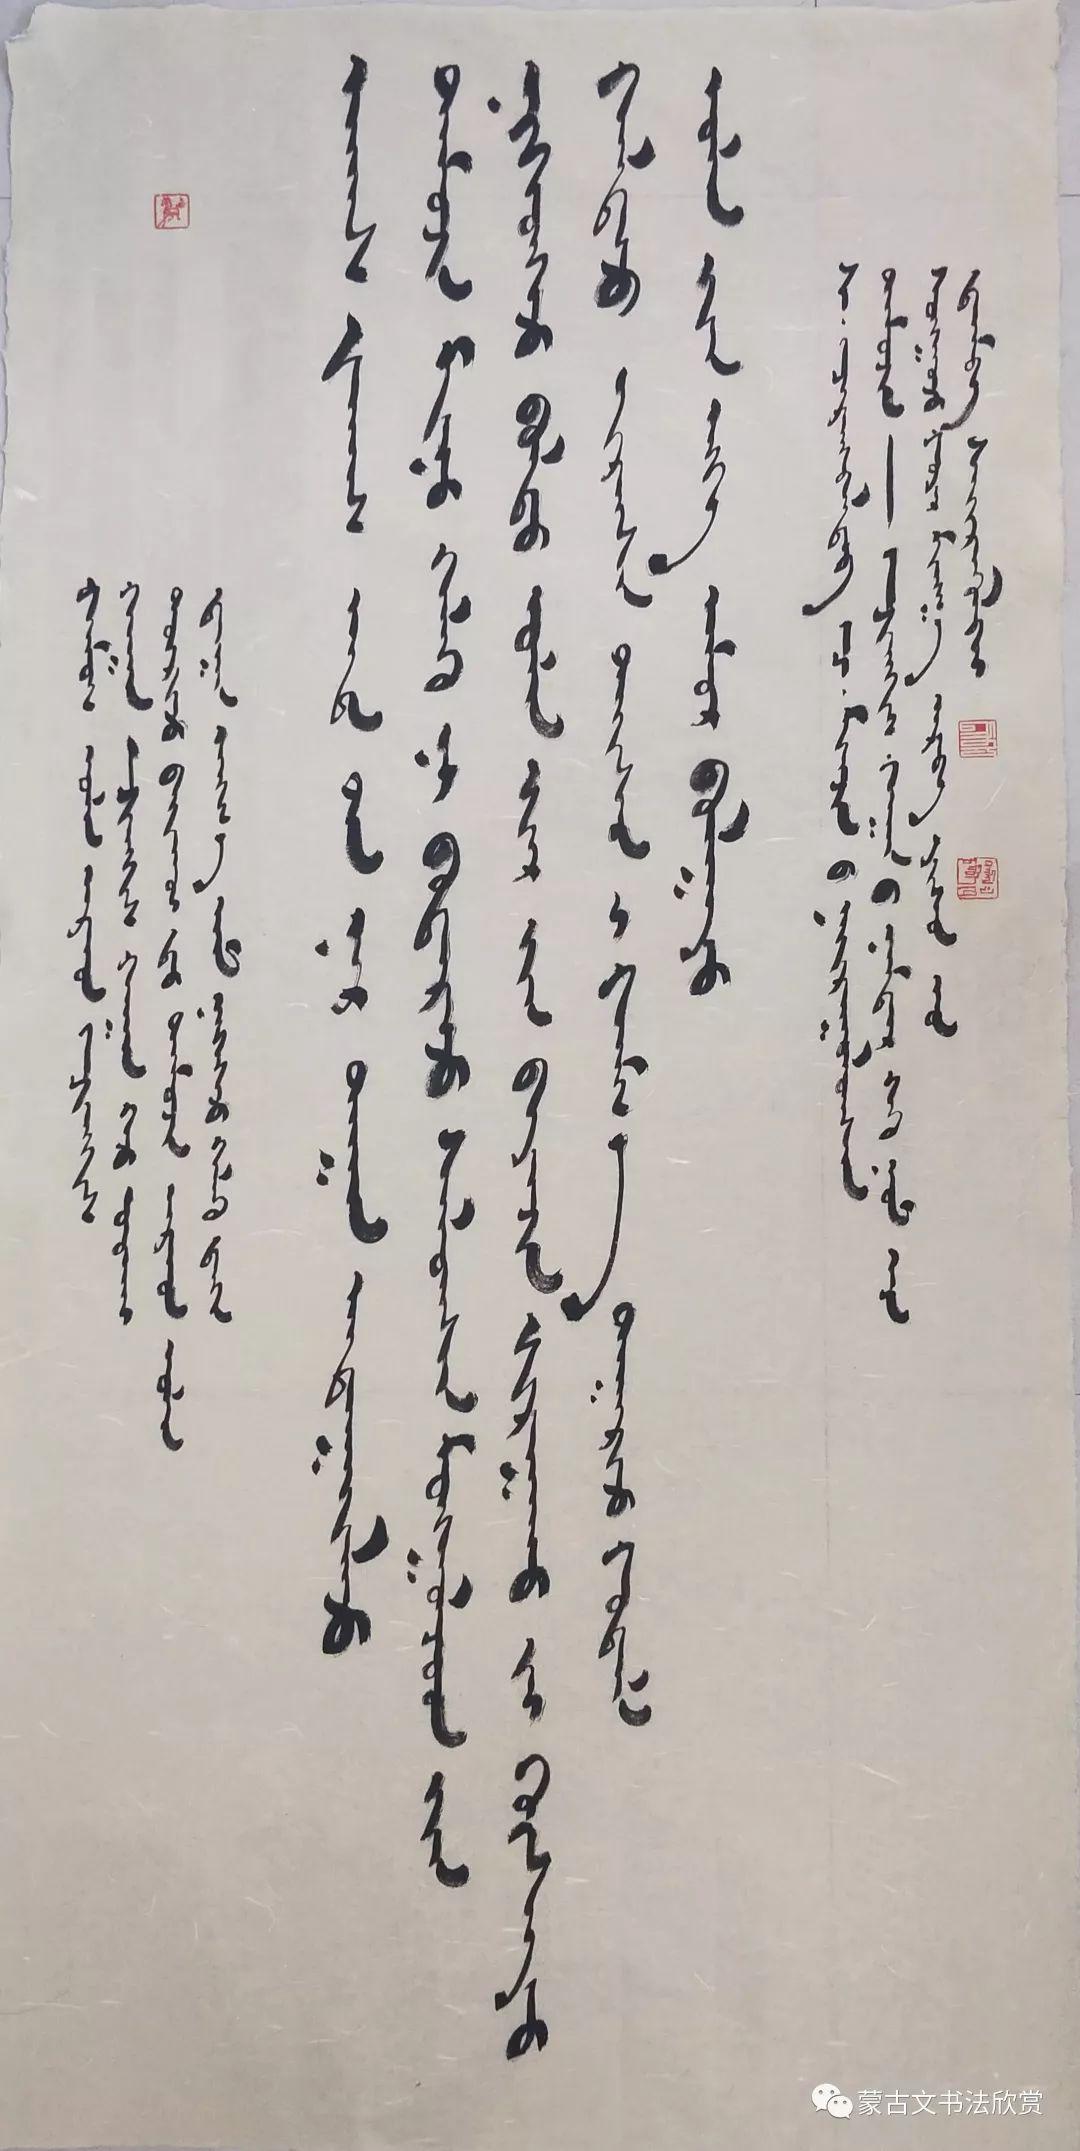 蒙古文书法欣赏——丹巴 第15张 蒙古文书法欣赏——丹巴 蒙古书法